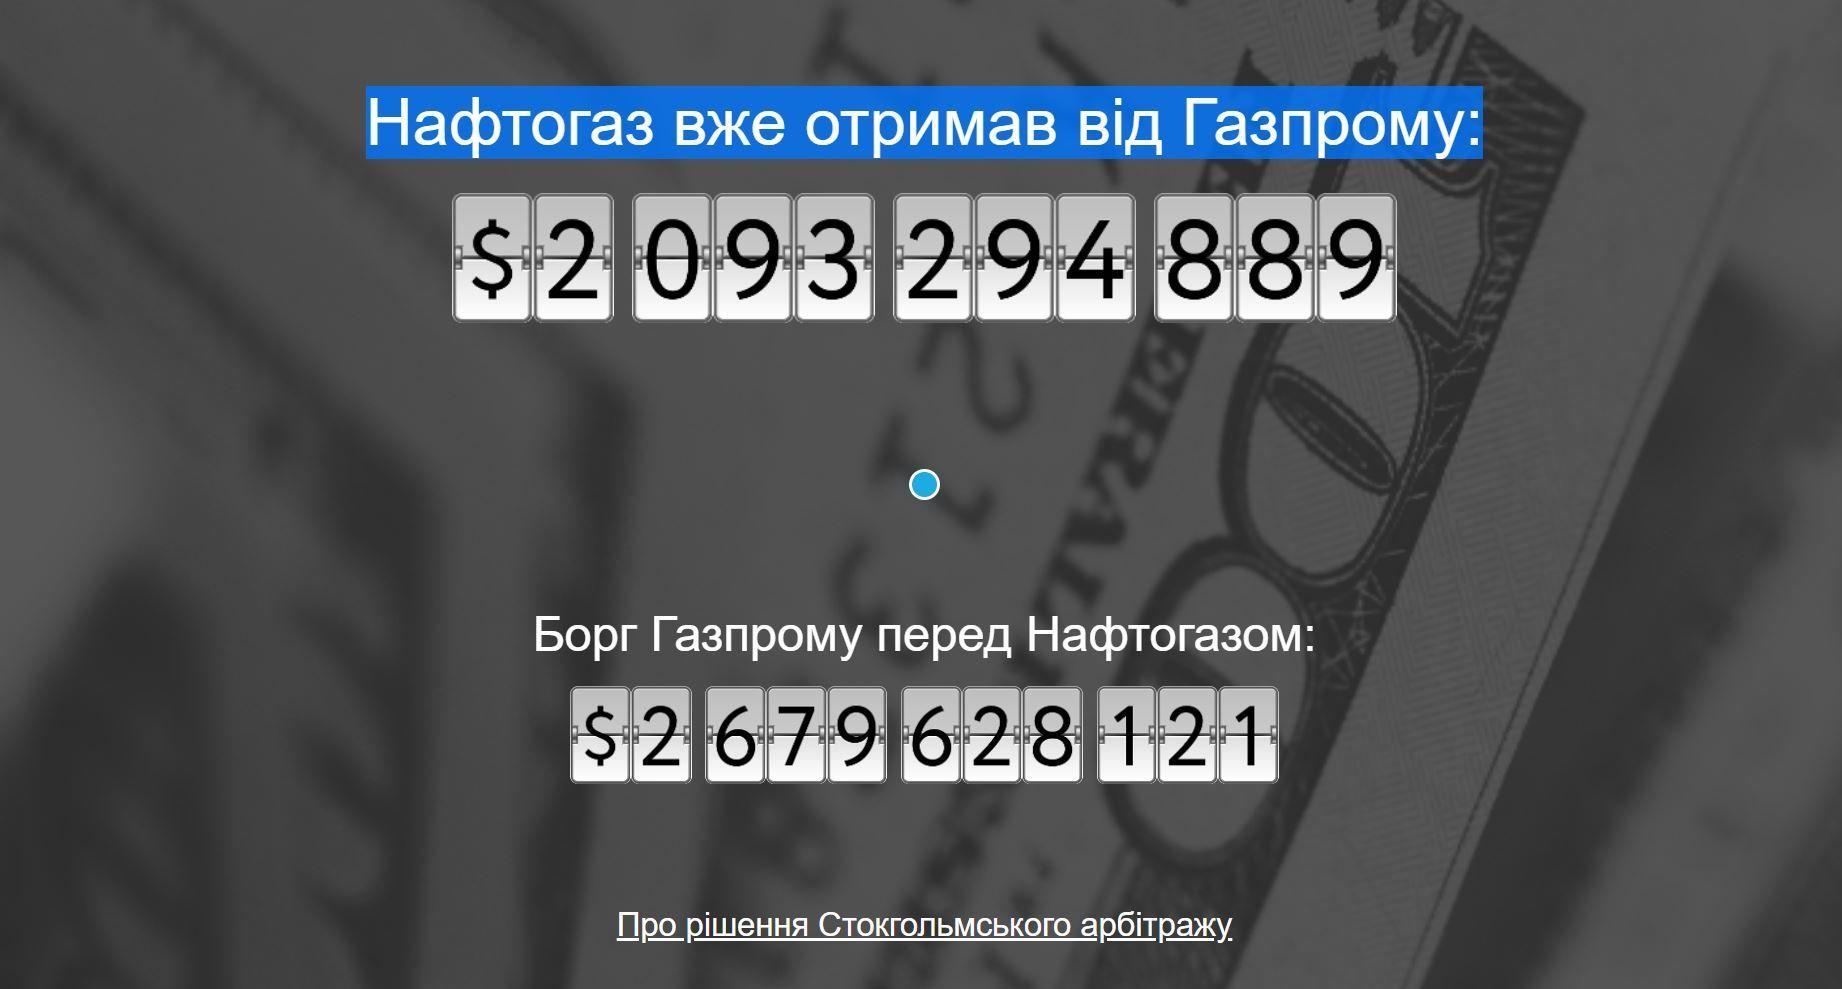 Лічильник боргів Газпрому